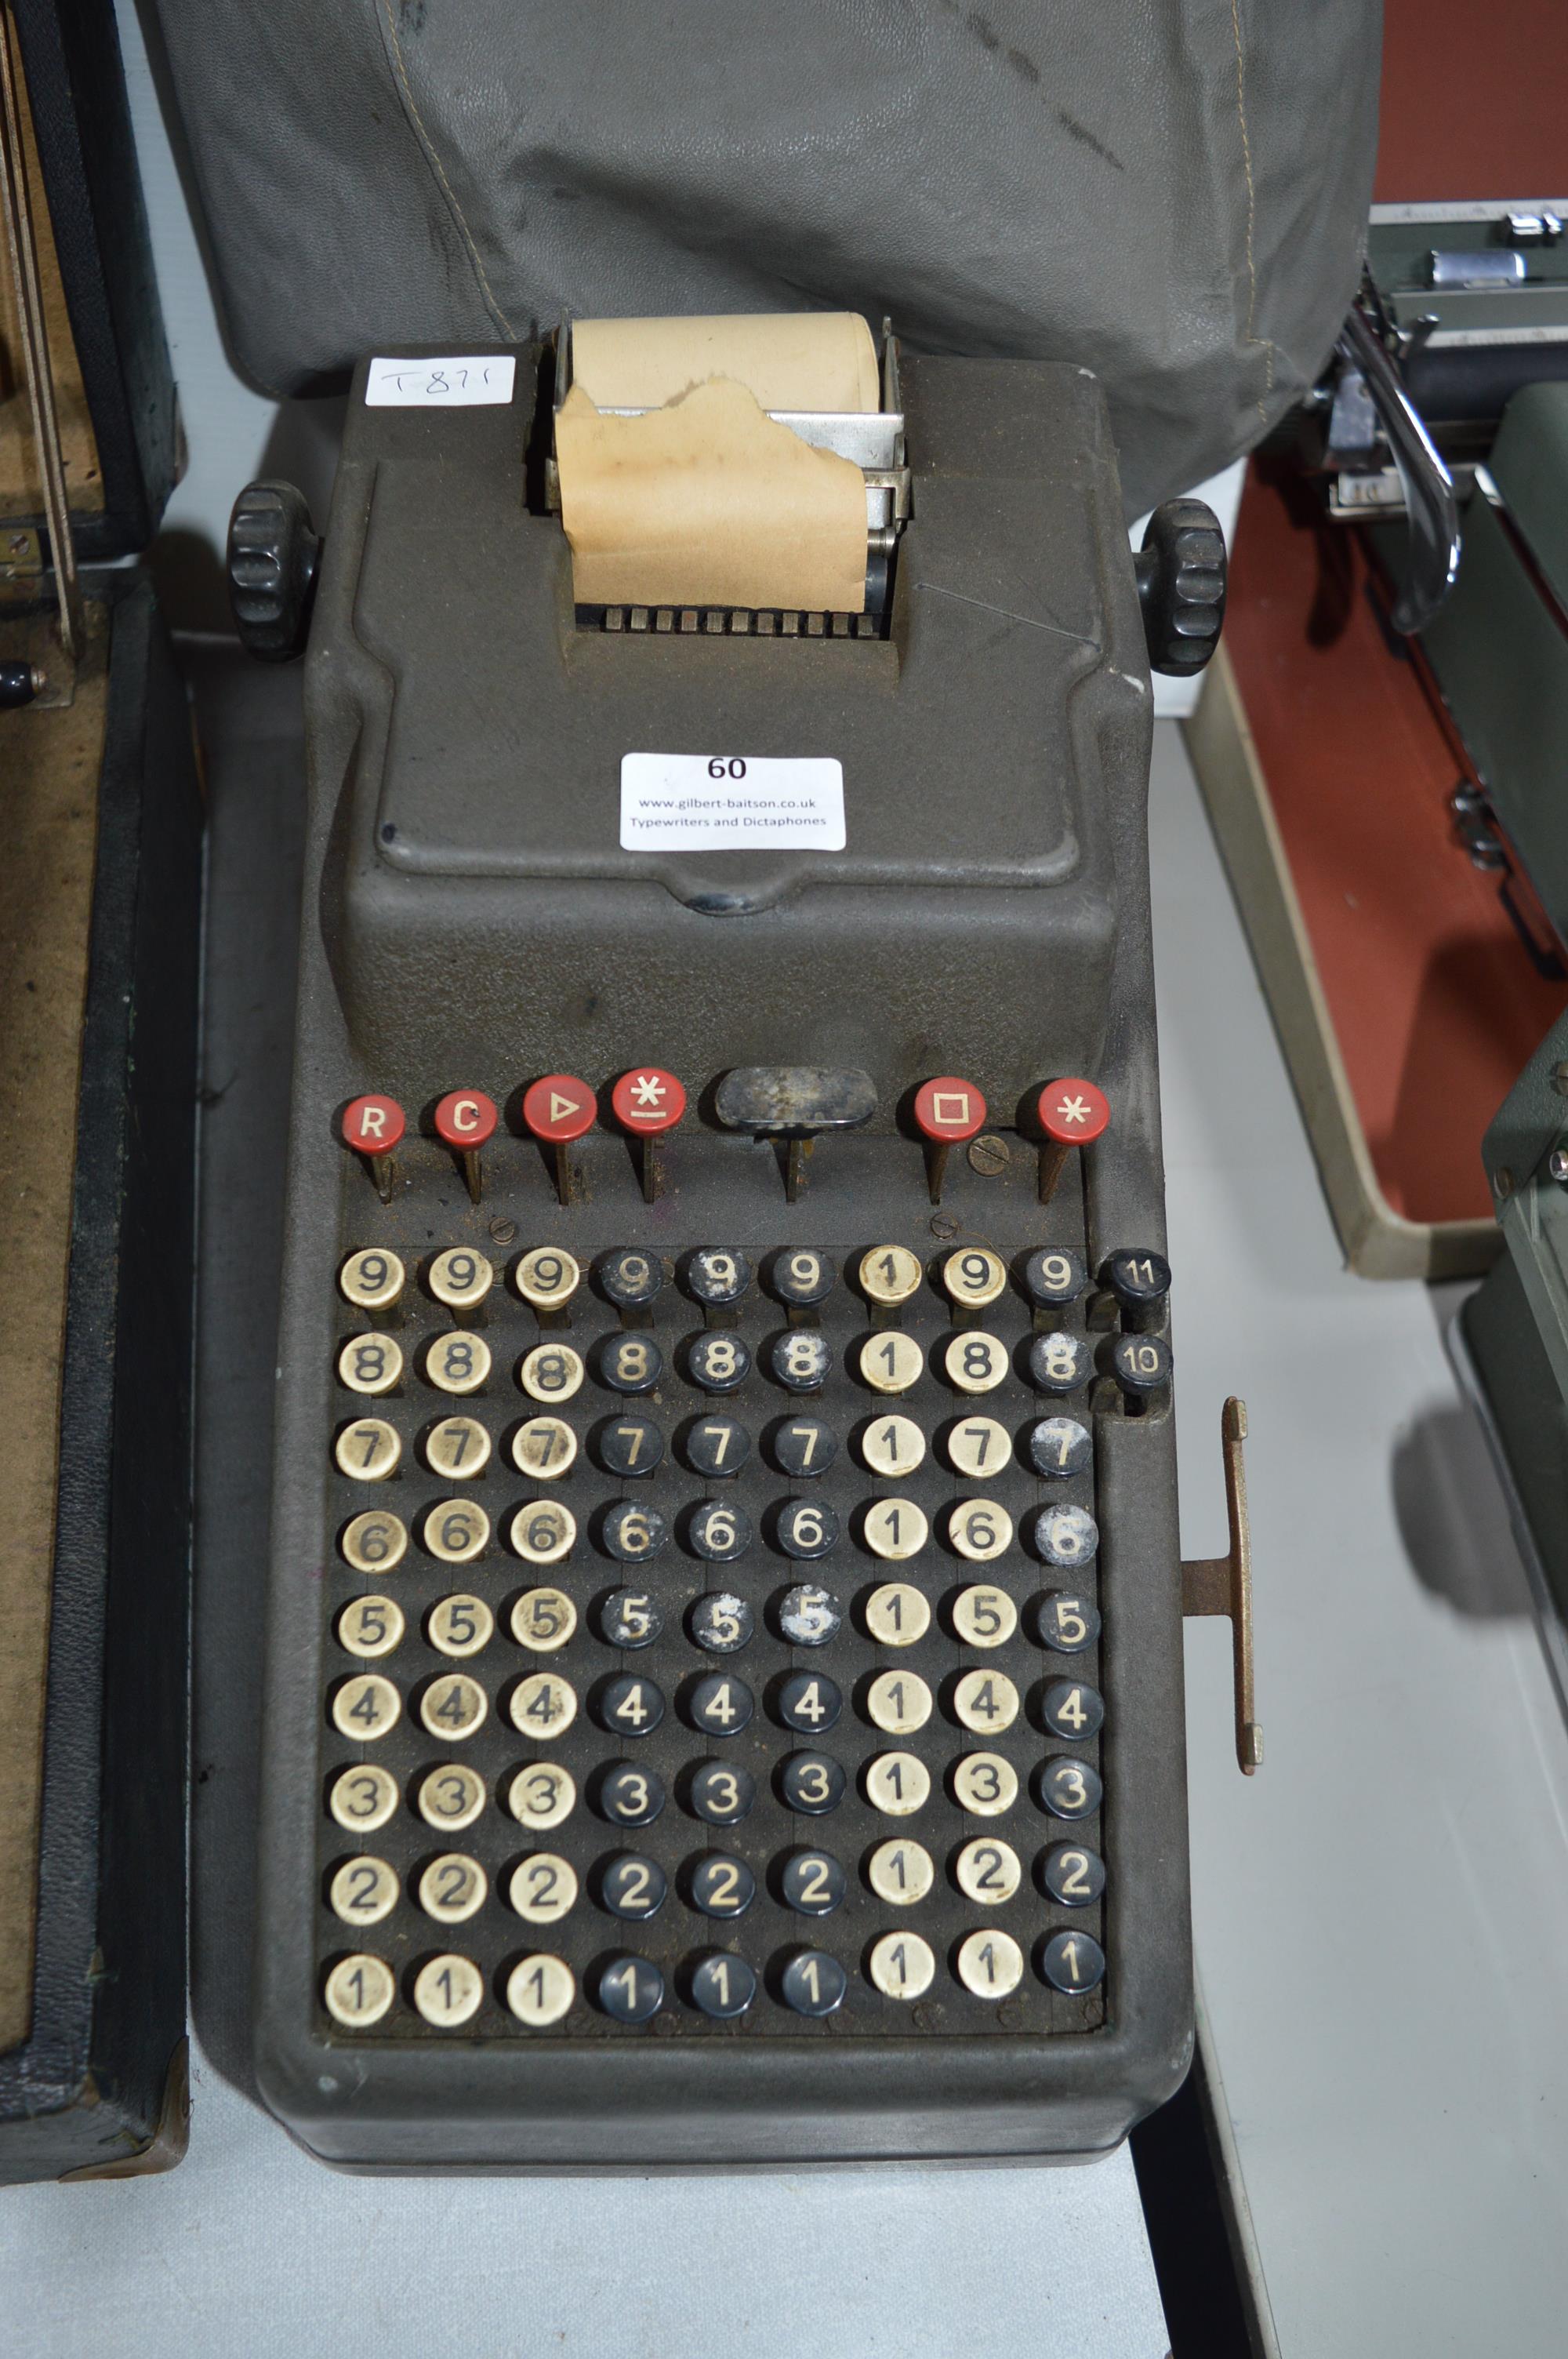 Ado Calculator by Bulmers ltd, London